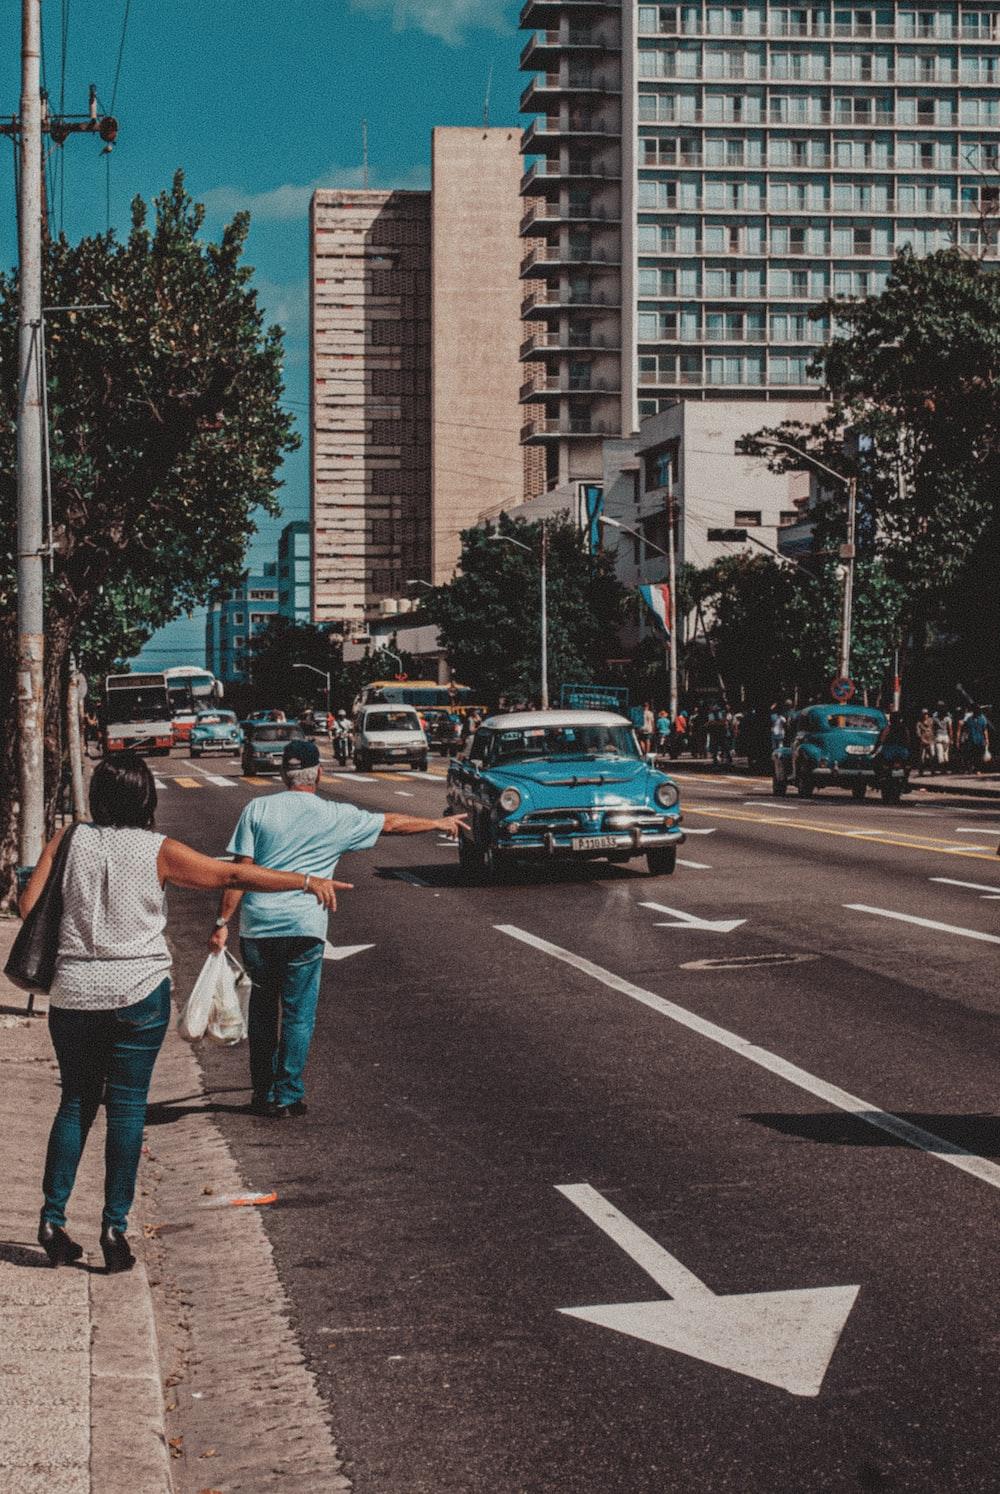 man in white dress shirt and black pants walking on pedestrian lane during daytime